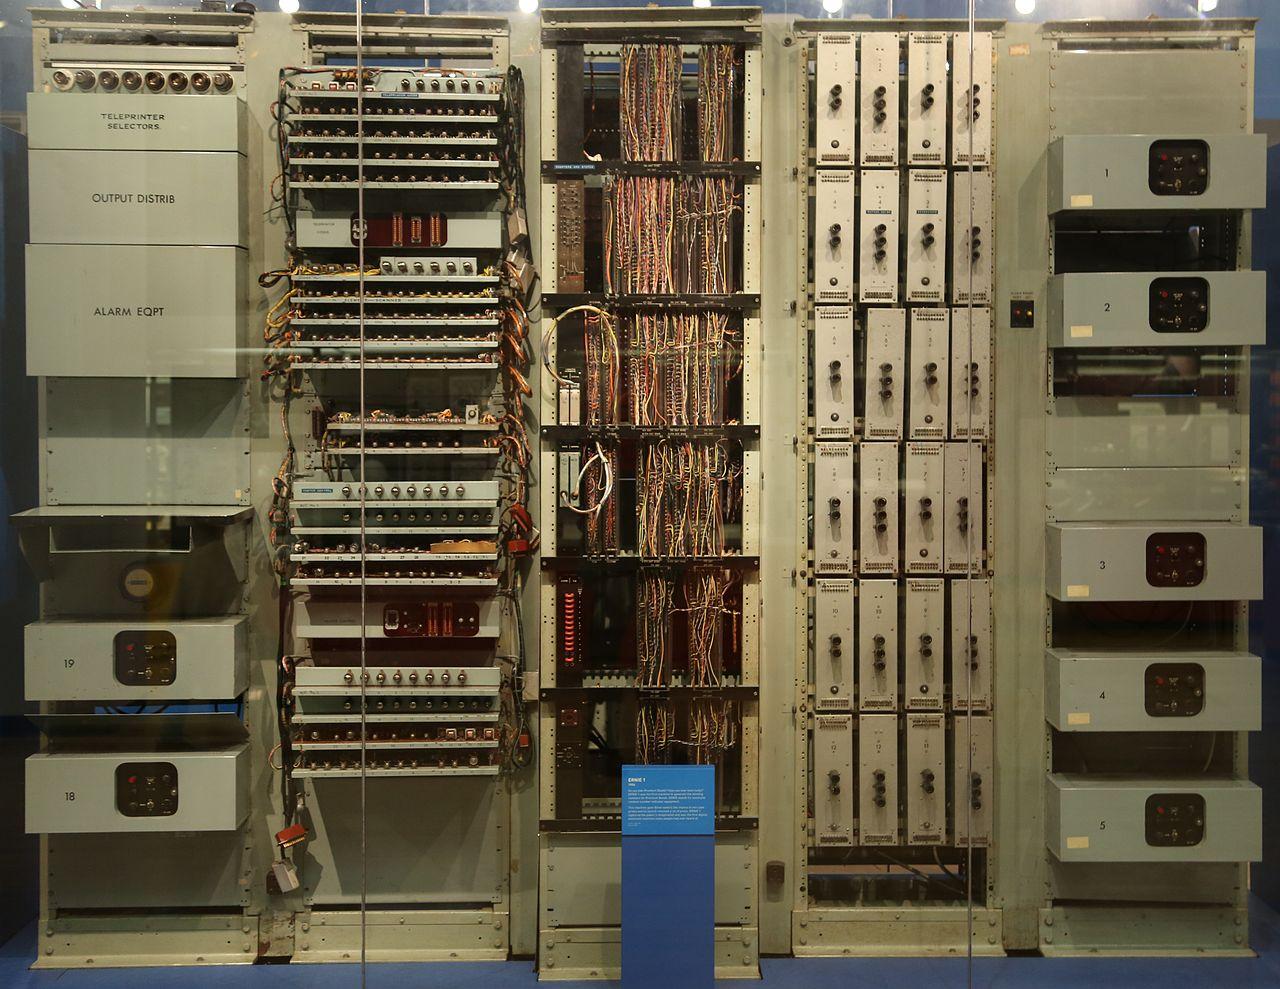 ERNIE 1 — аппаратный генератор случайных чисел, созданный в 1957 году